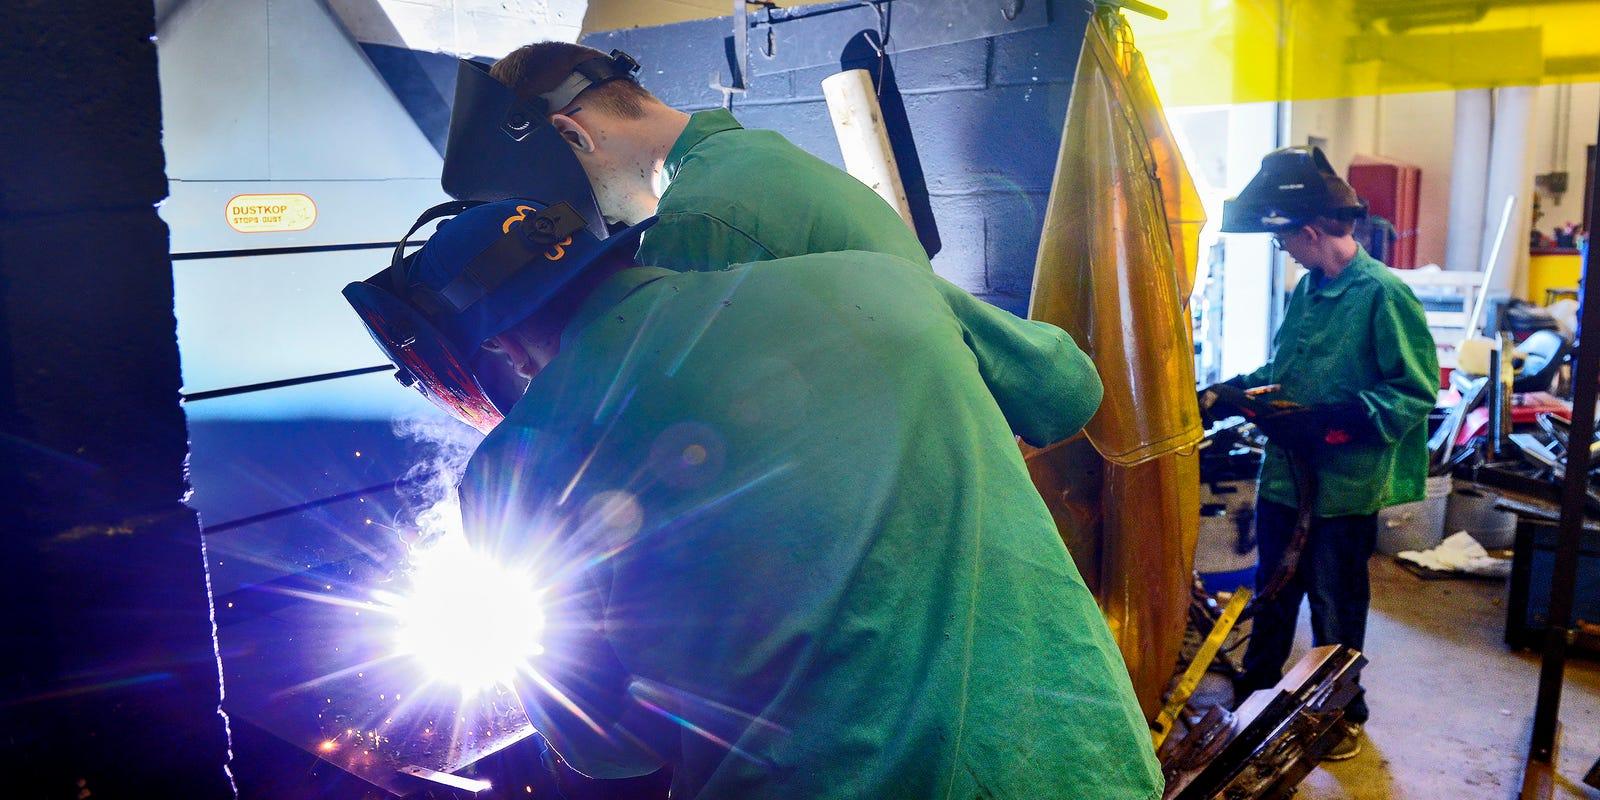 High school welding class teaches industry standards